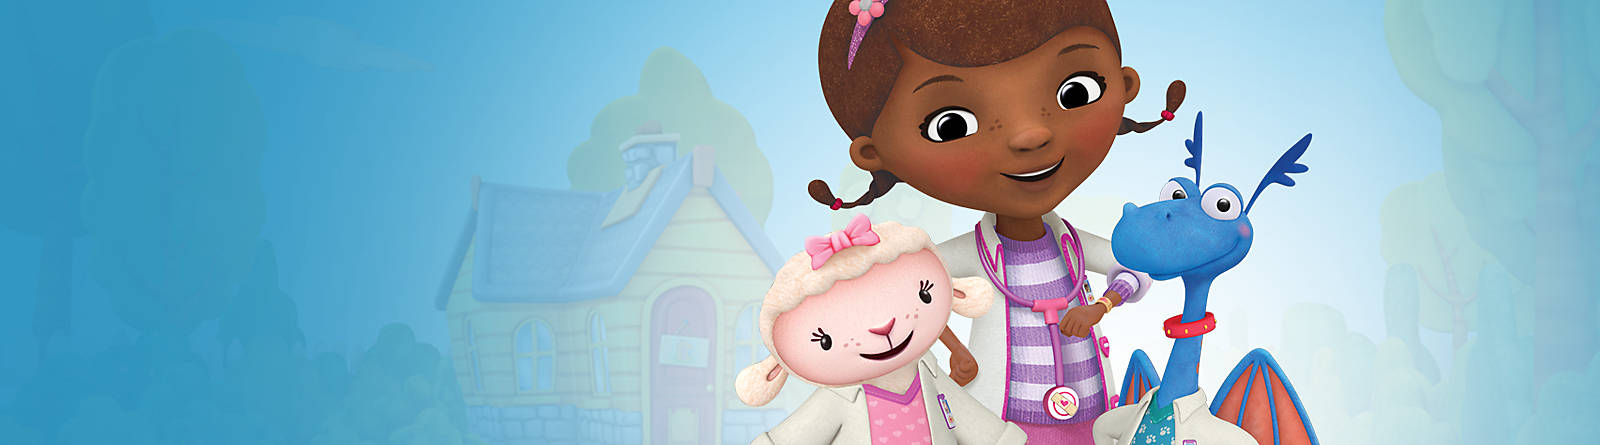 Docteur la Peluche Oubliez vos soucis grâce à Docteur la Peluche ! La petite fille est là pour soigner tous ses amis et leur donner de bons conseils.